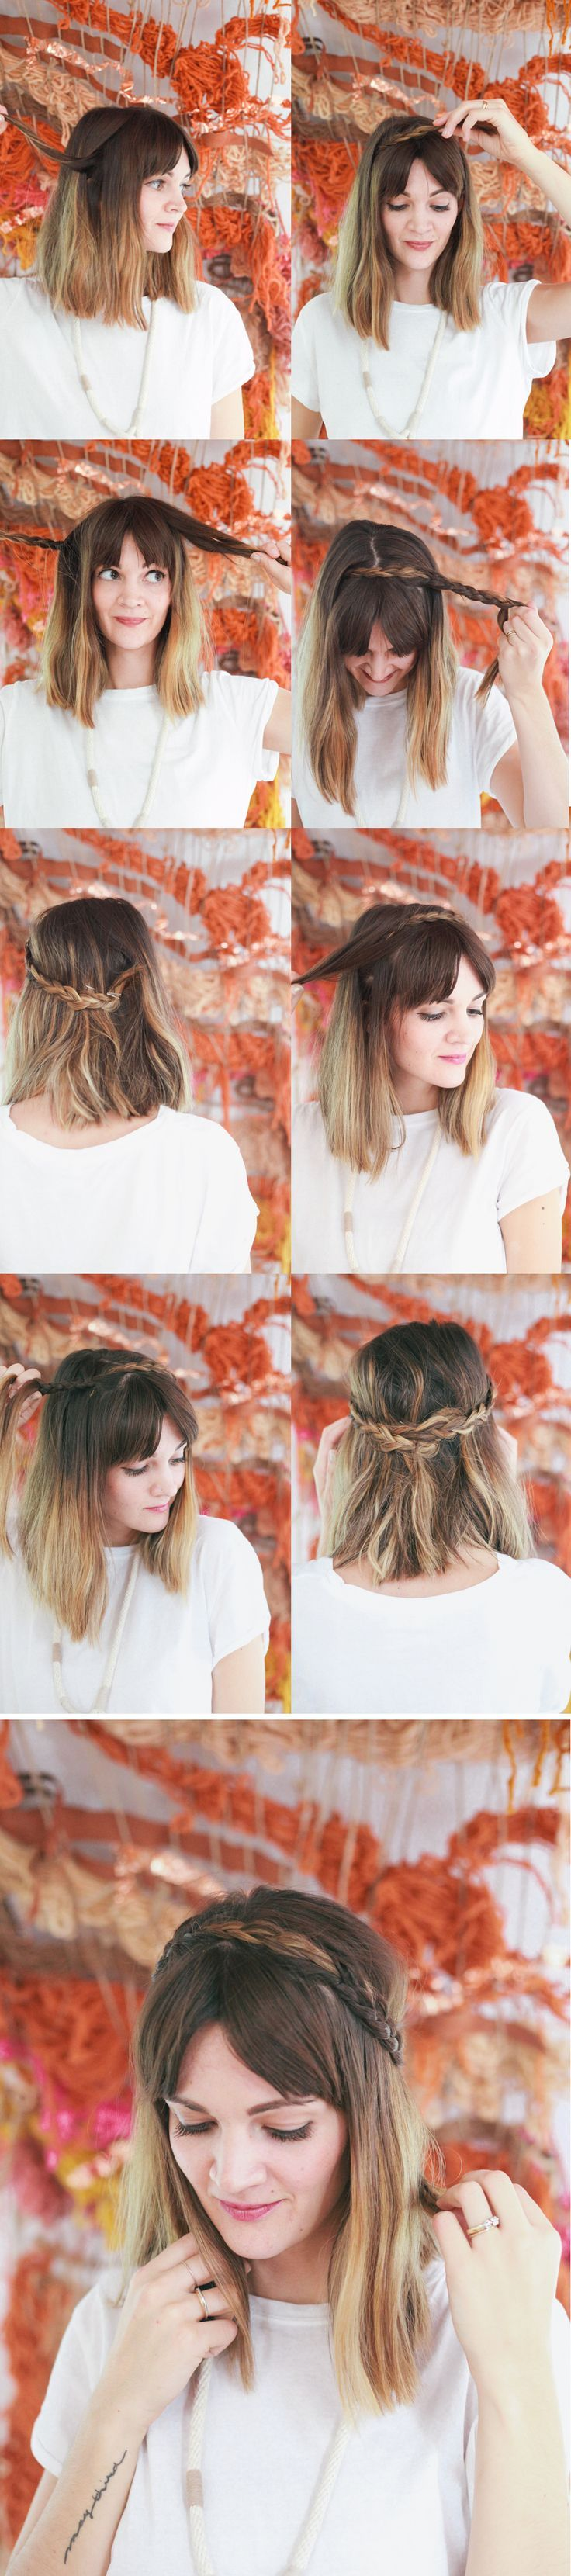 Hair Tutorial // Half Up Braided Crown — Treasures & Travels